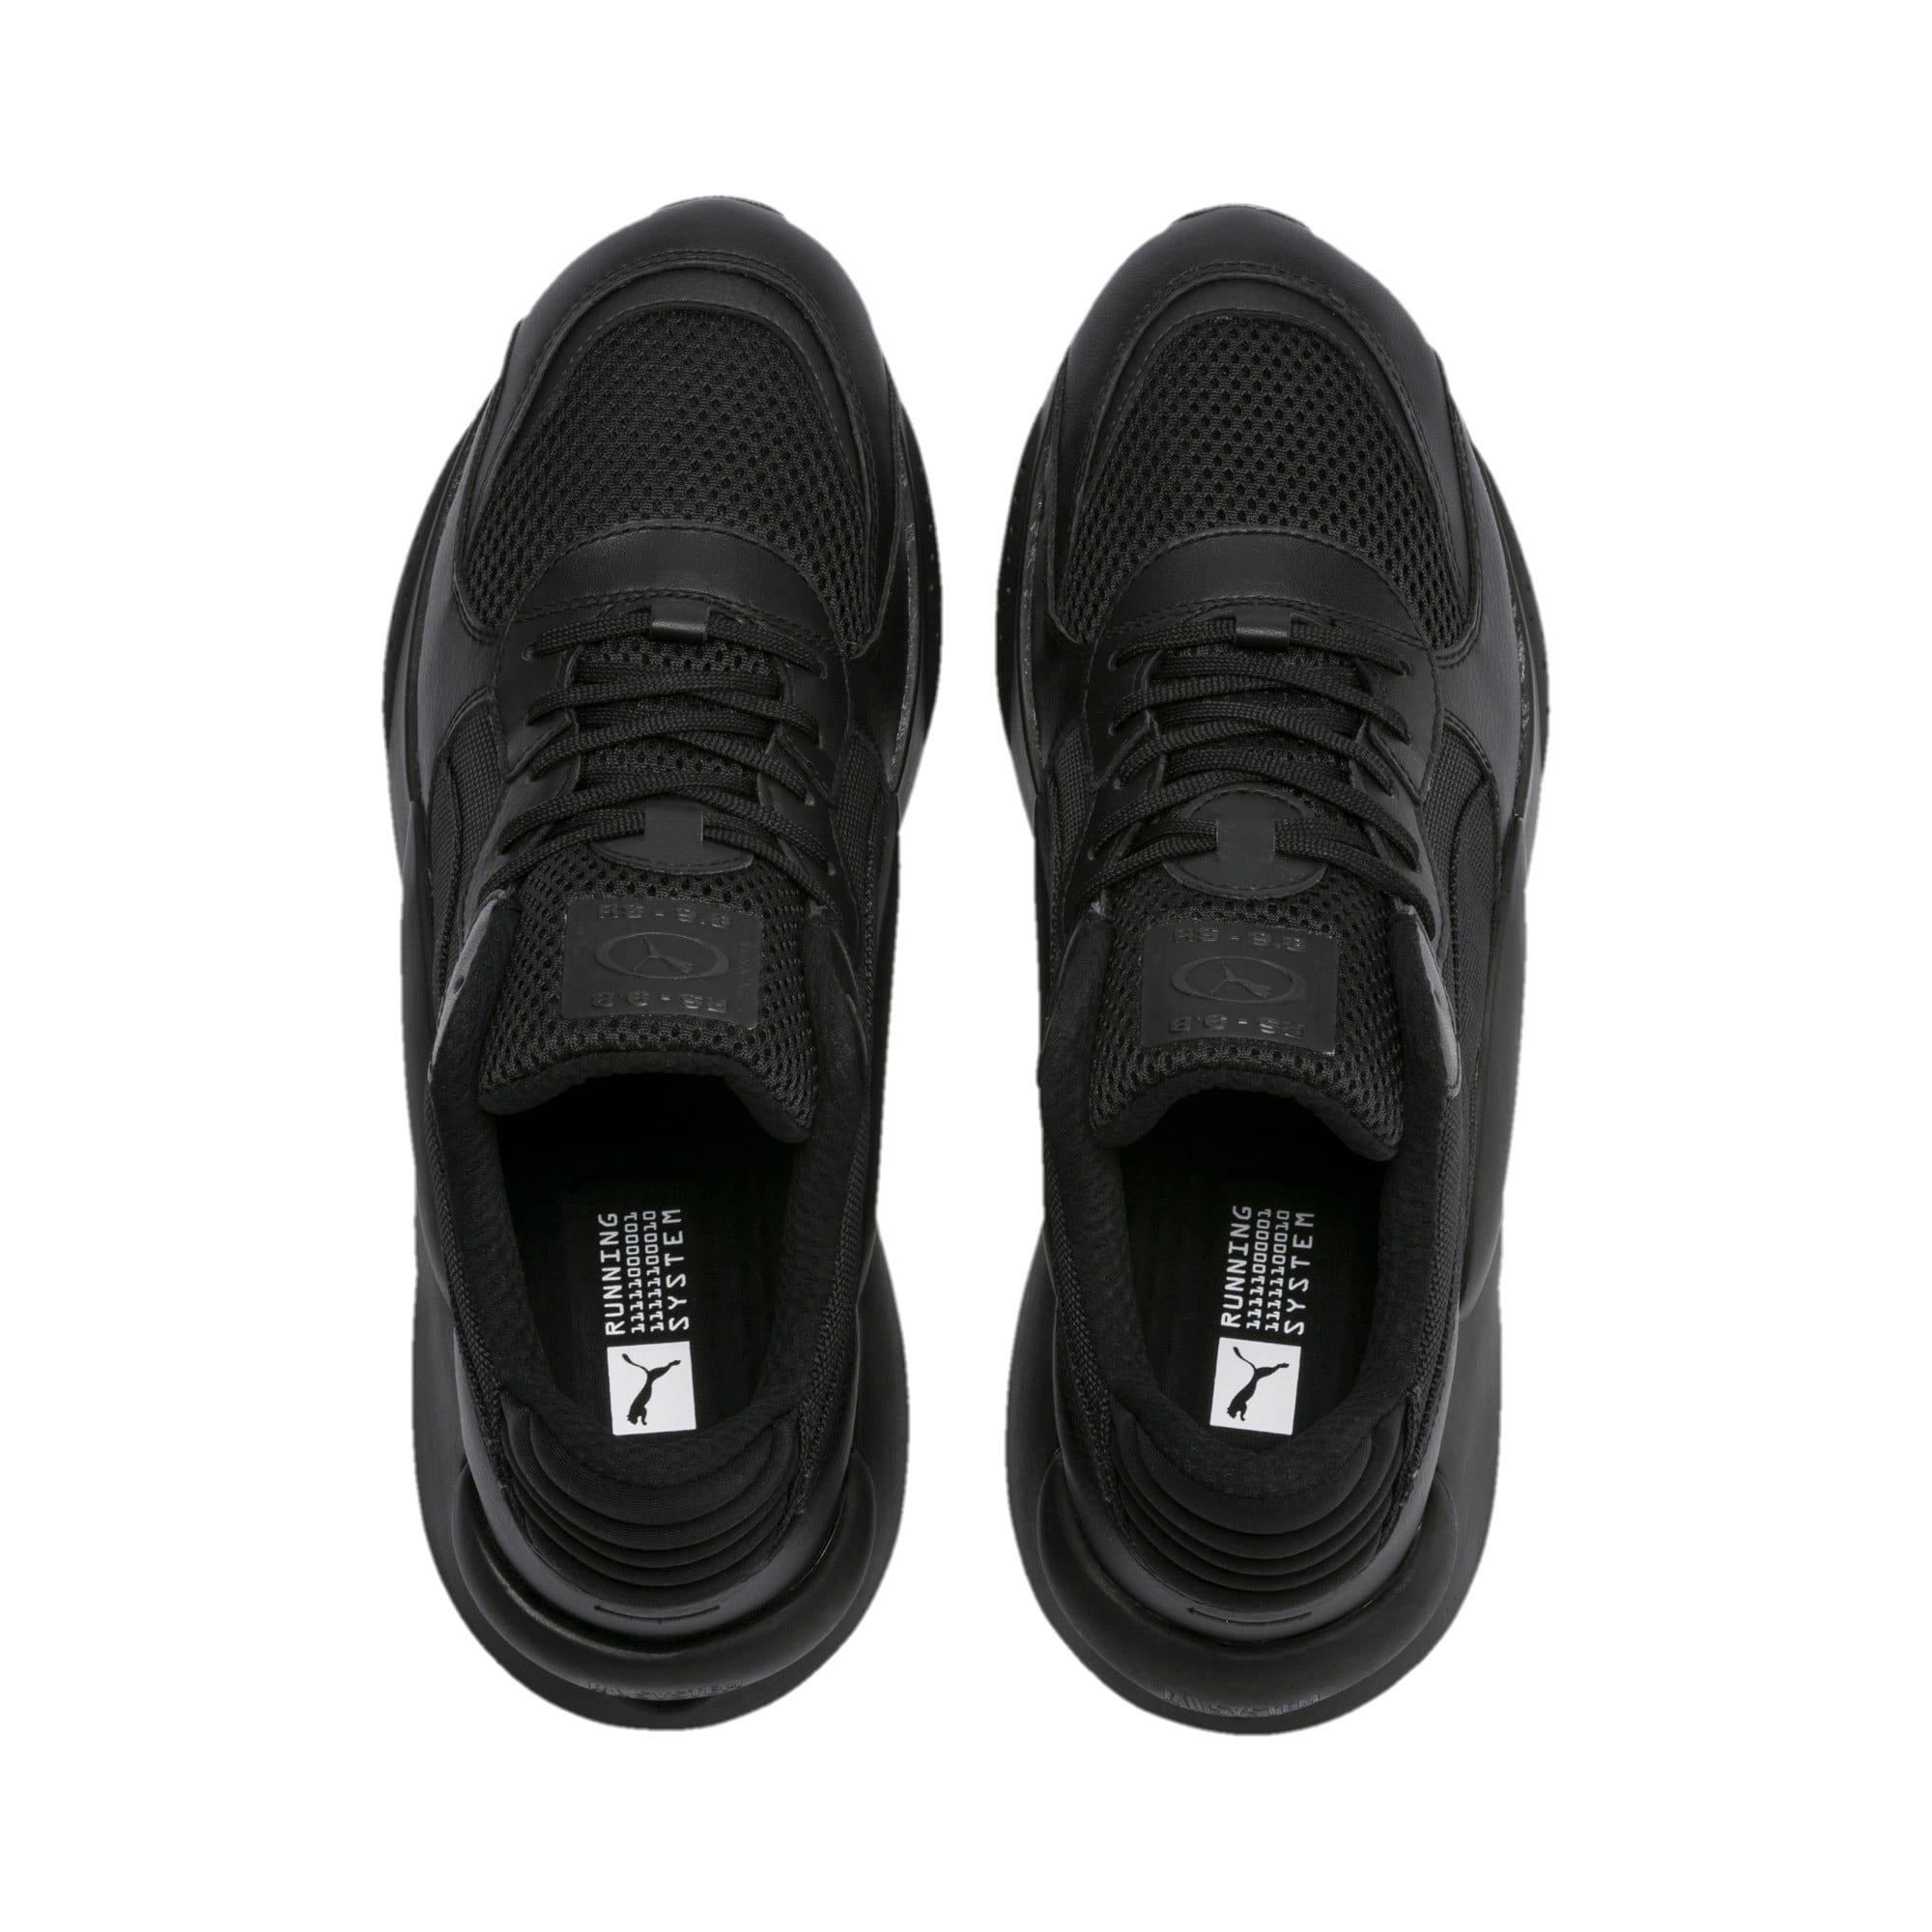 Thumbnail 6 of RS 9.8 Core Sneakers, Puma Black, medium